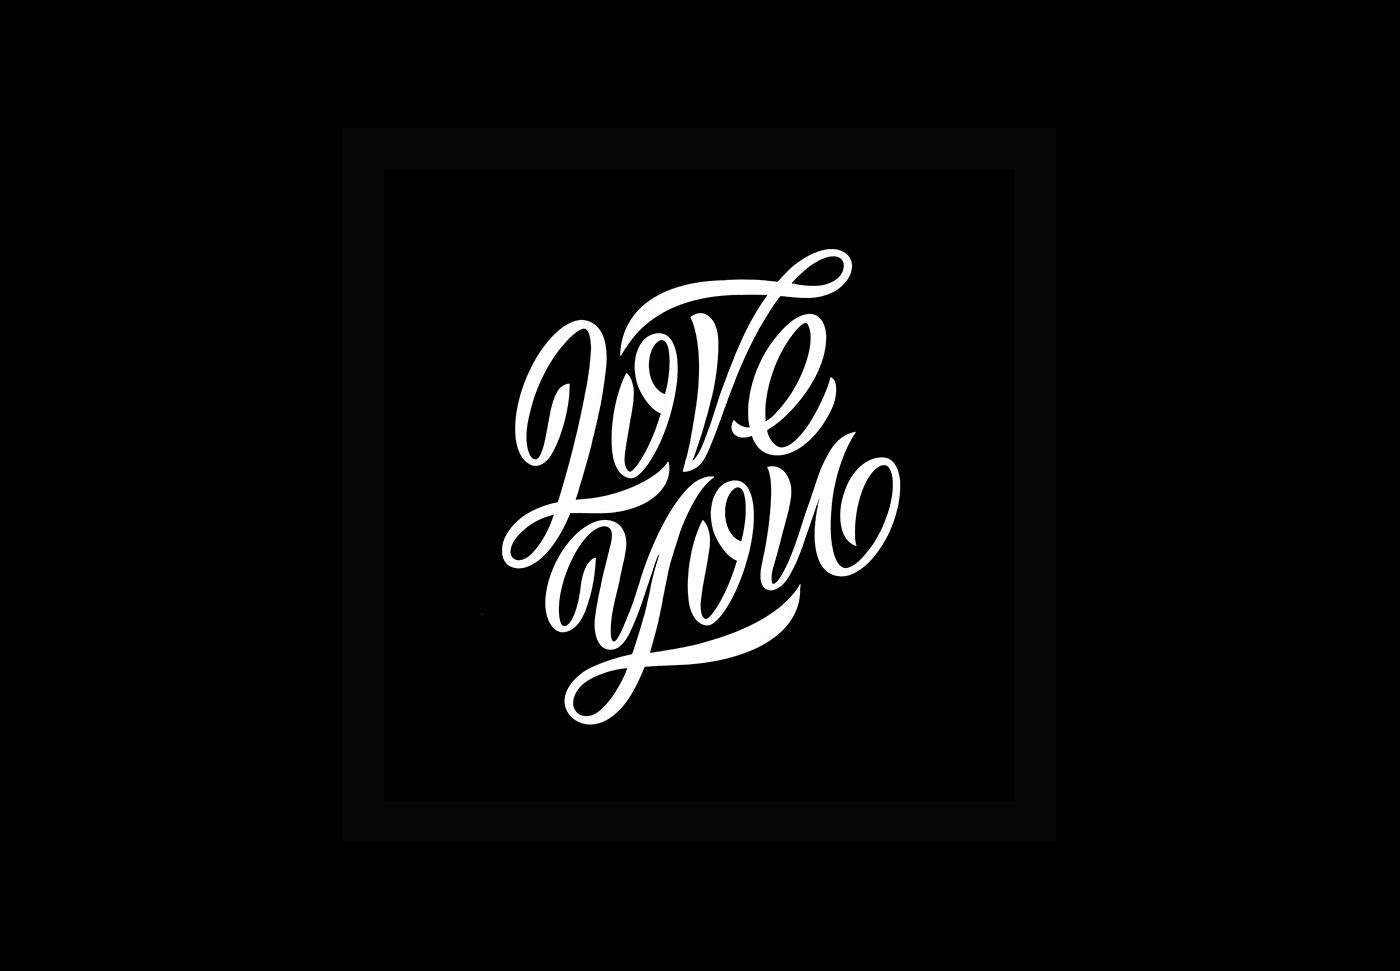 Typography,Graphic Design